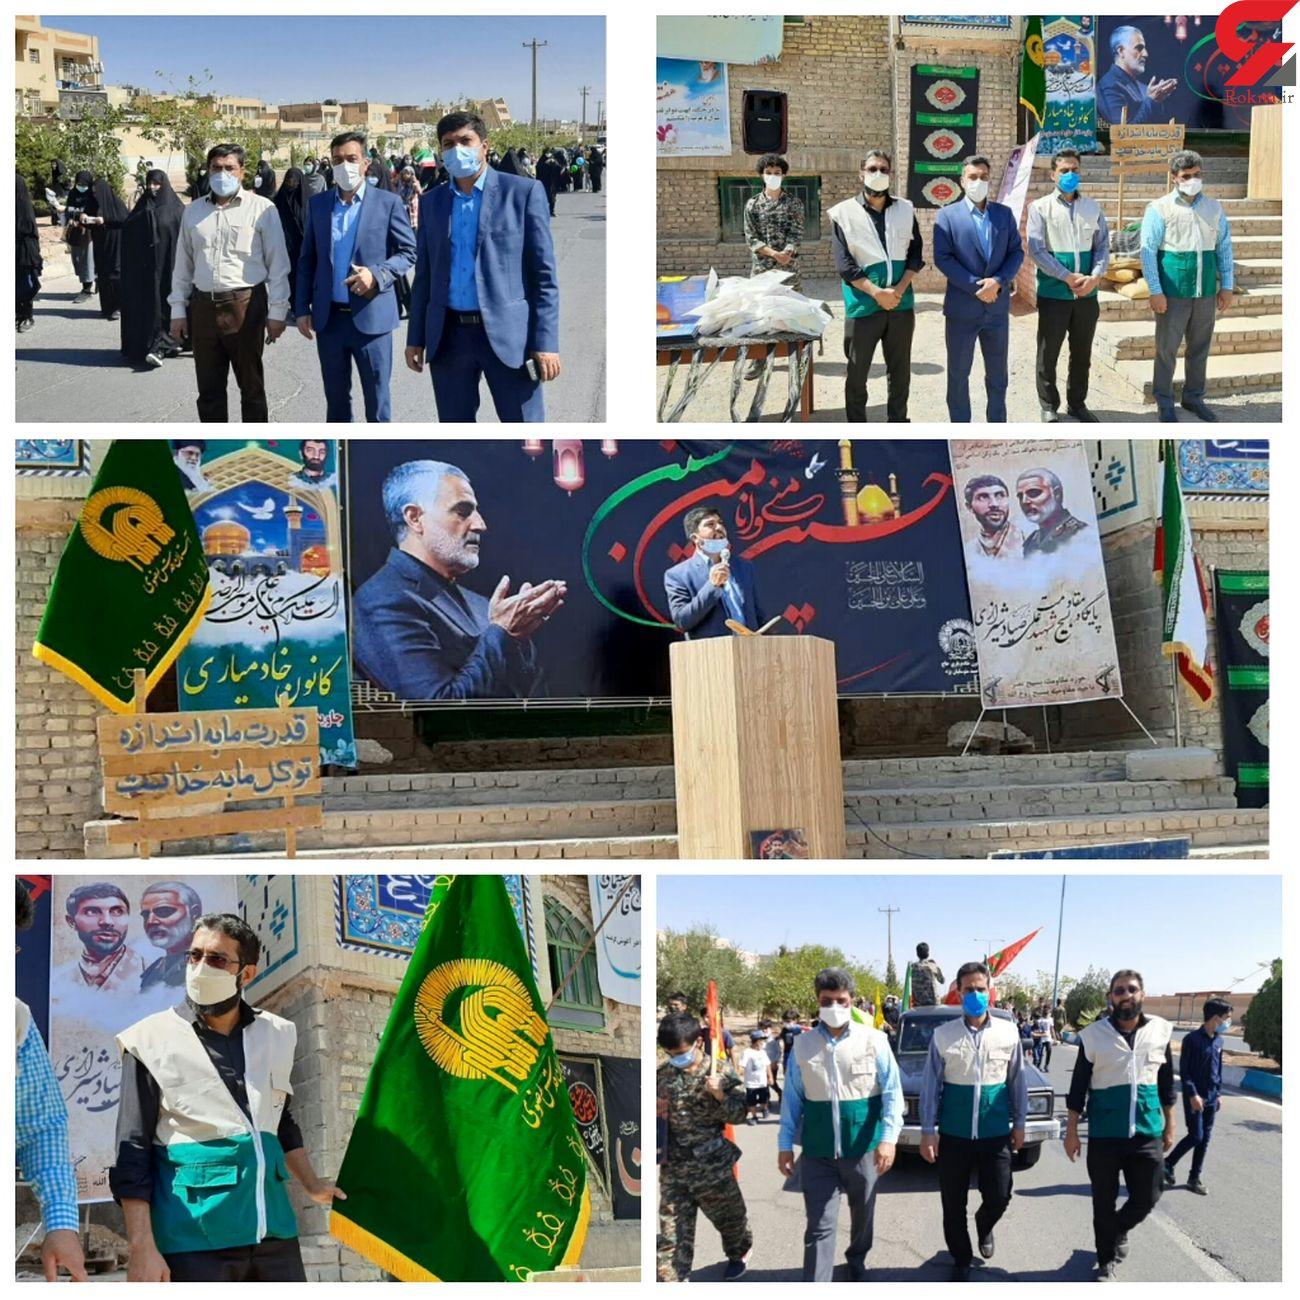 برگزاری همایش بزرگ پیاده روی خانوادگی«فتح خون تا روایت فتح » در شهرک رزمندگان یزد